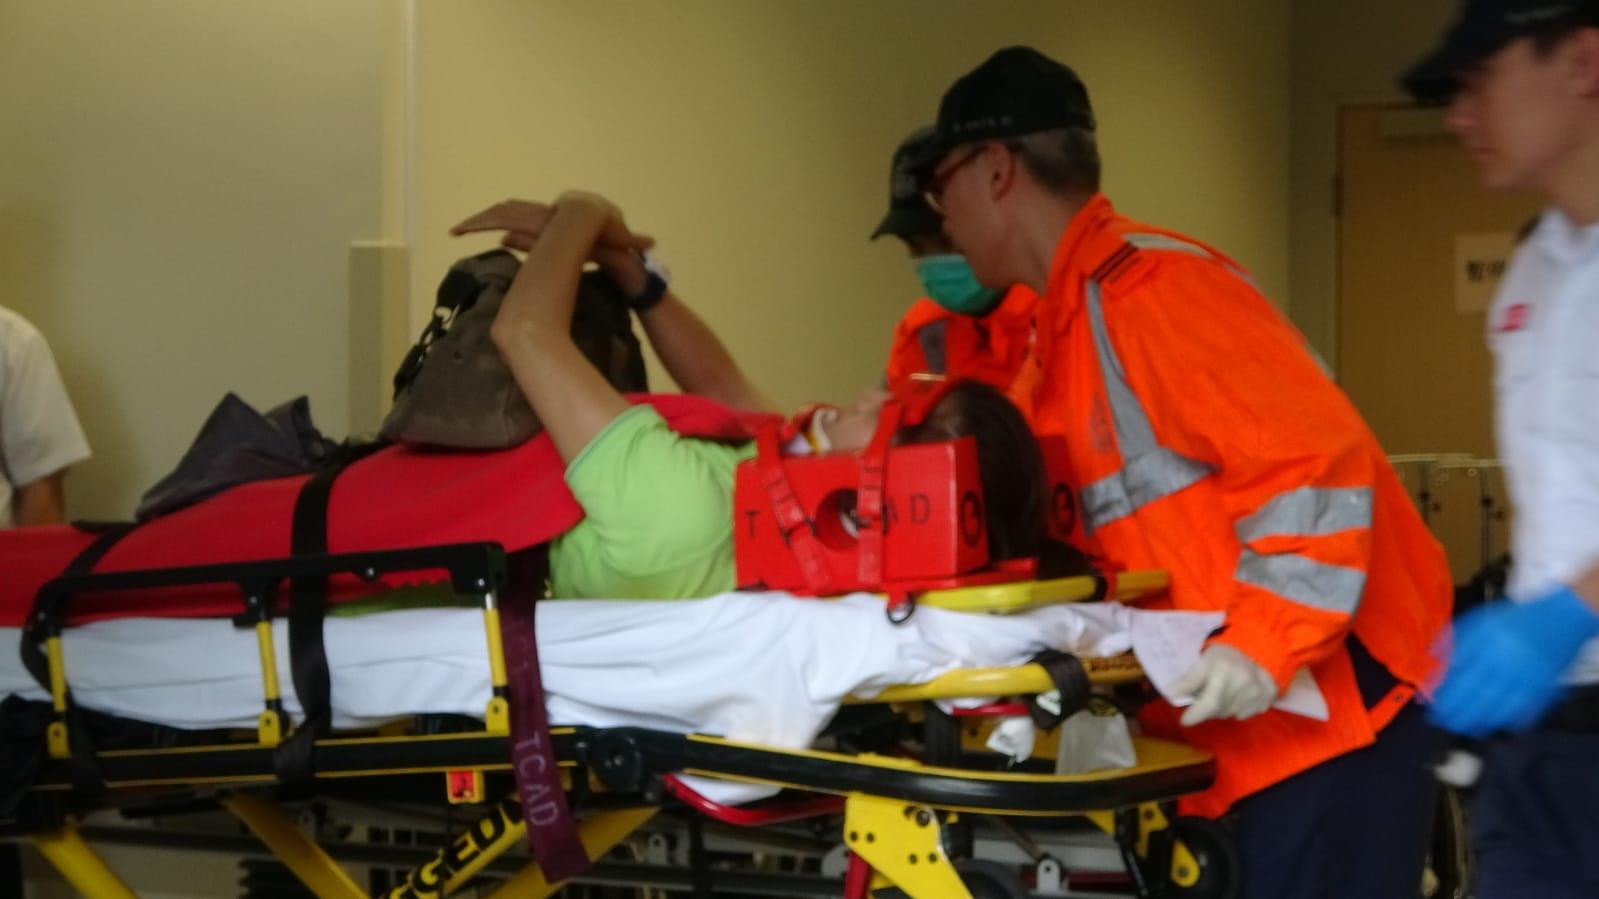 傷者送入北大嶼山醫院治理。